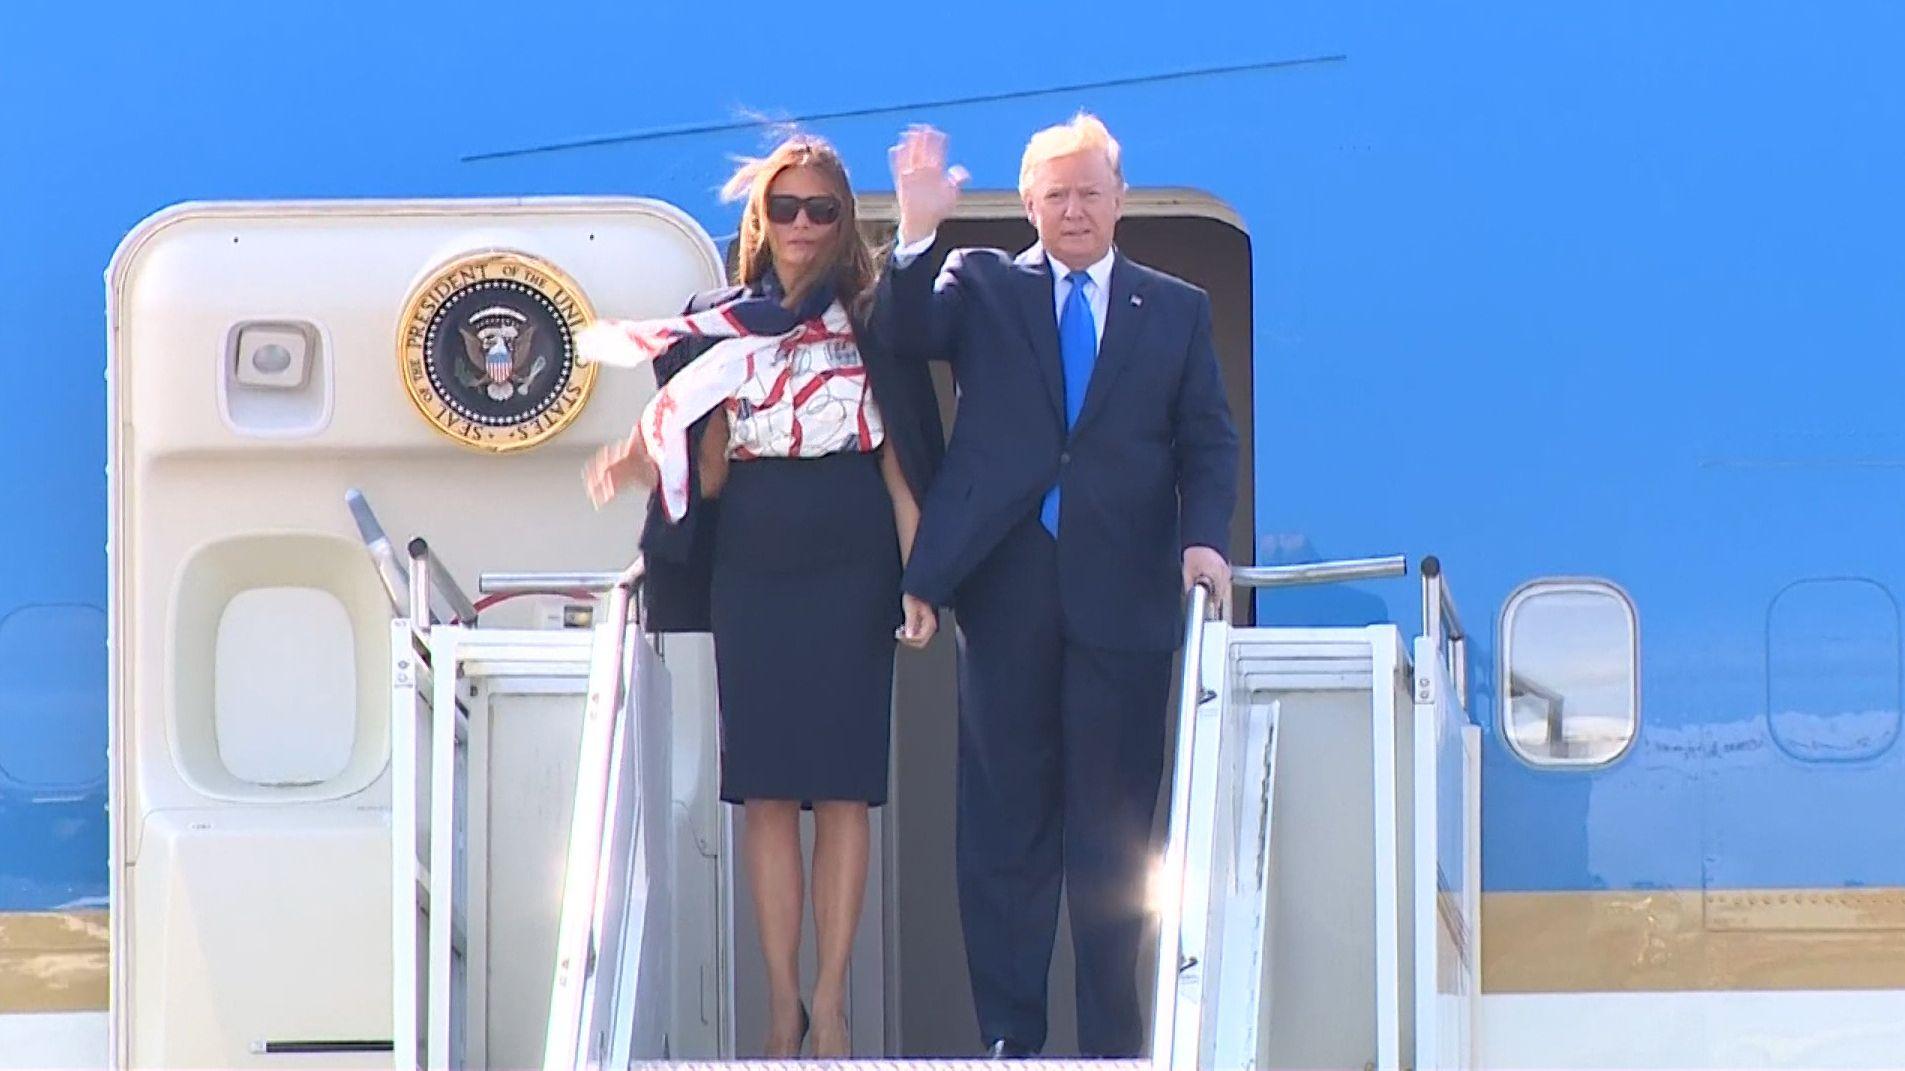 Donald Trump steigt mit seiner Frau aus dem Flugzeug